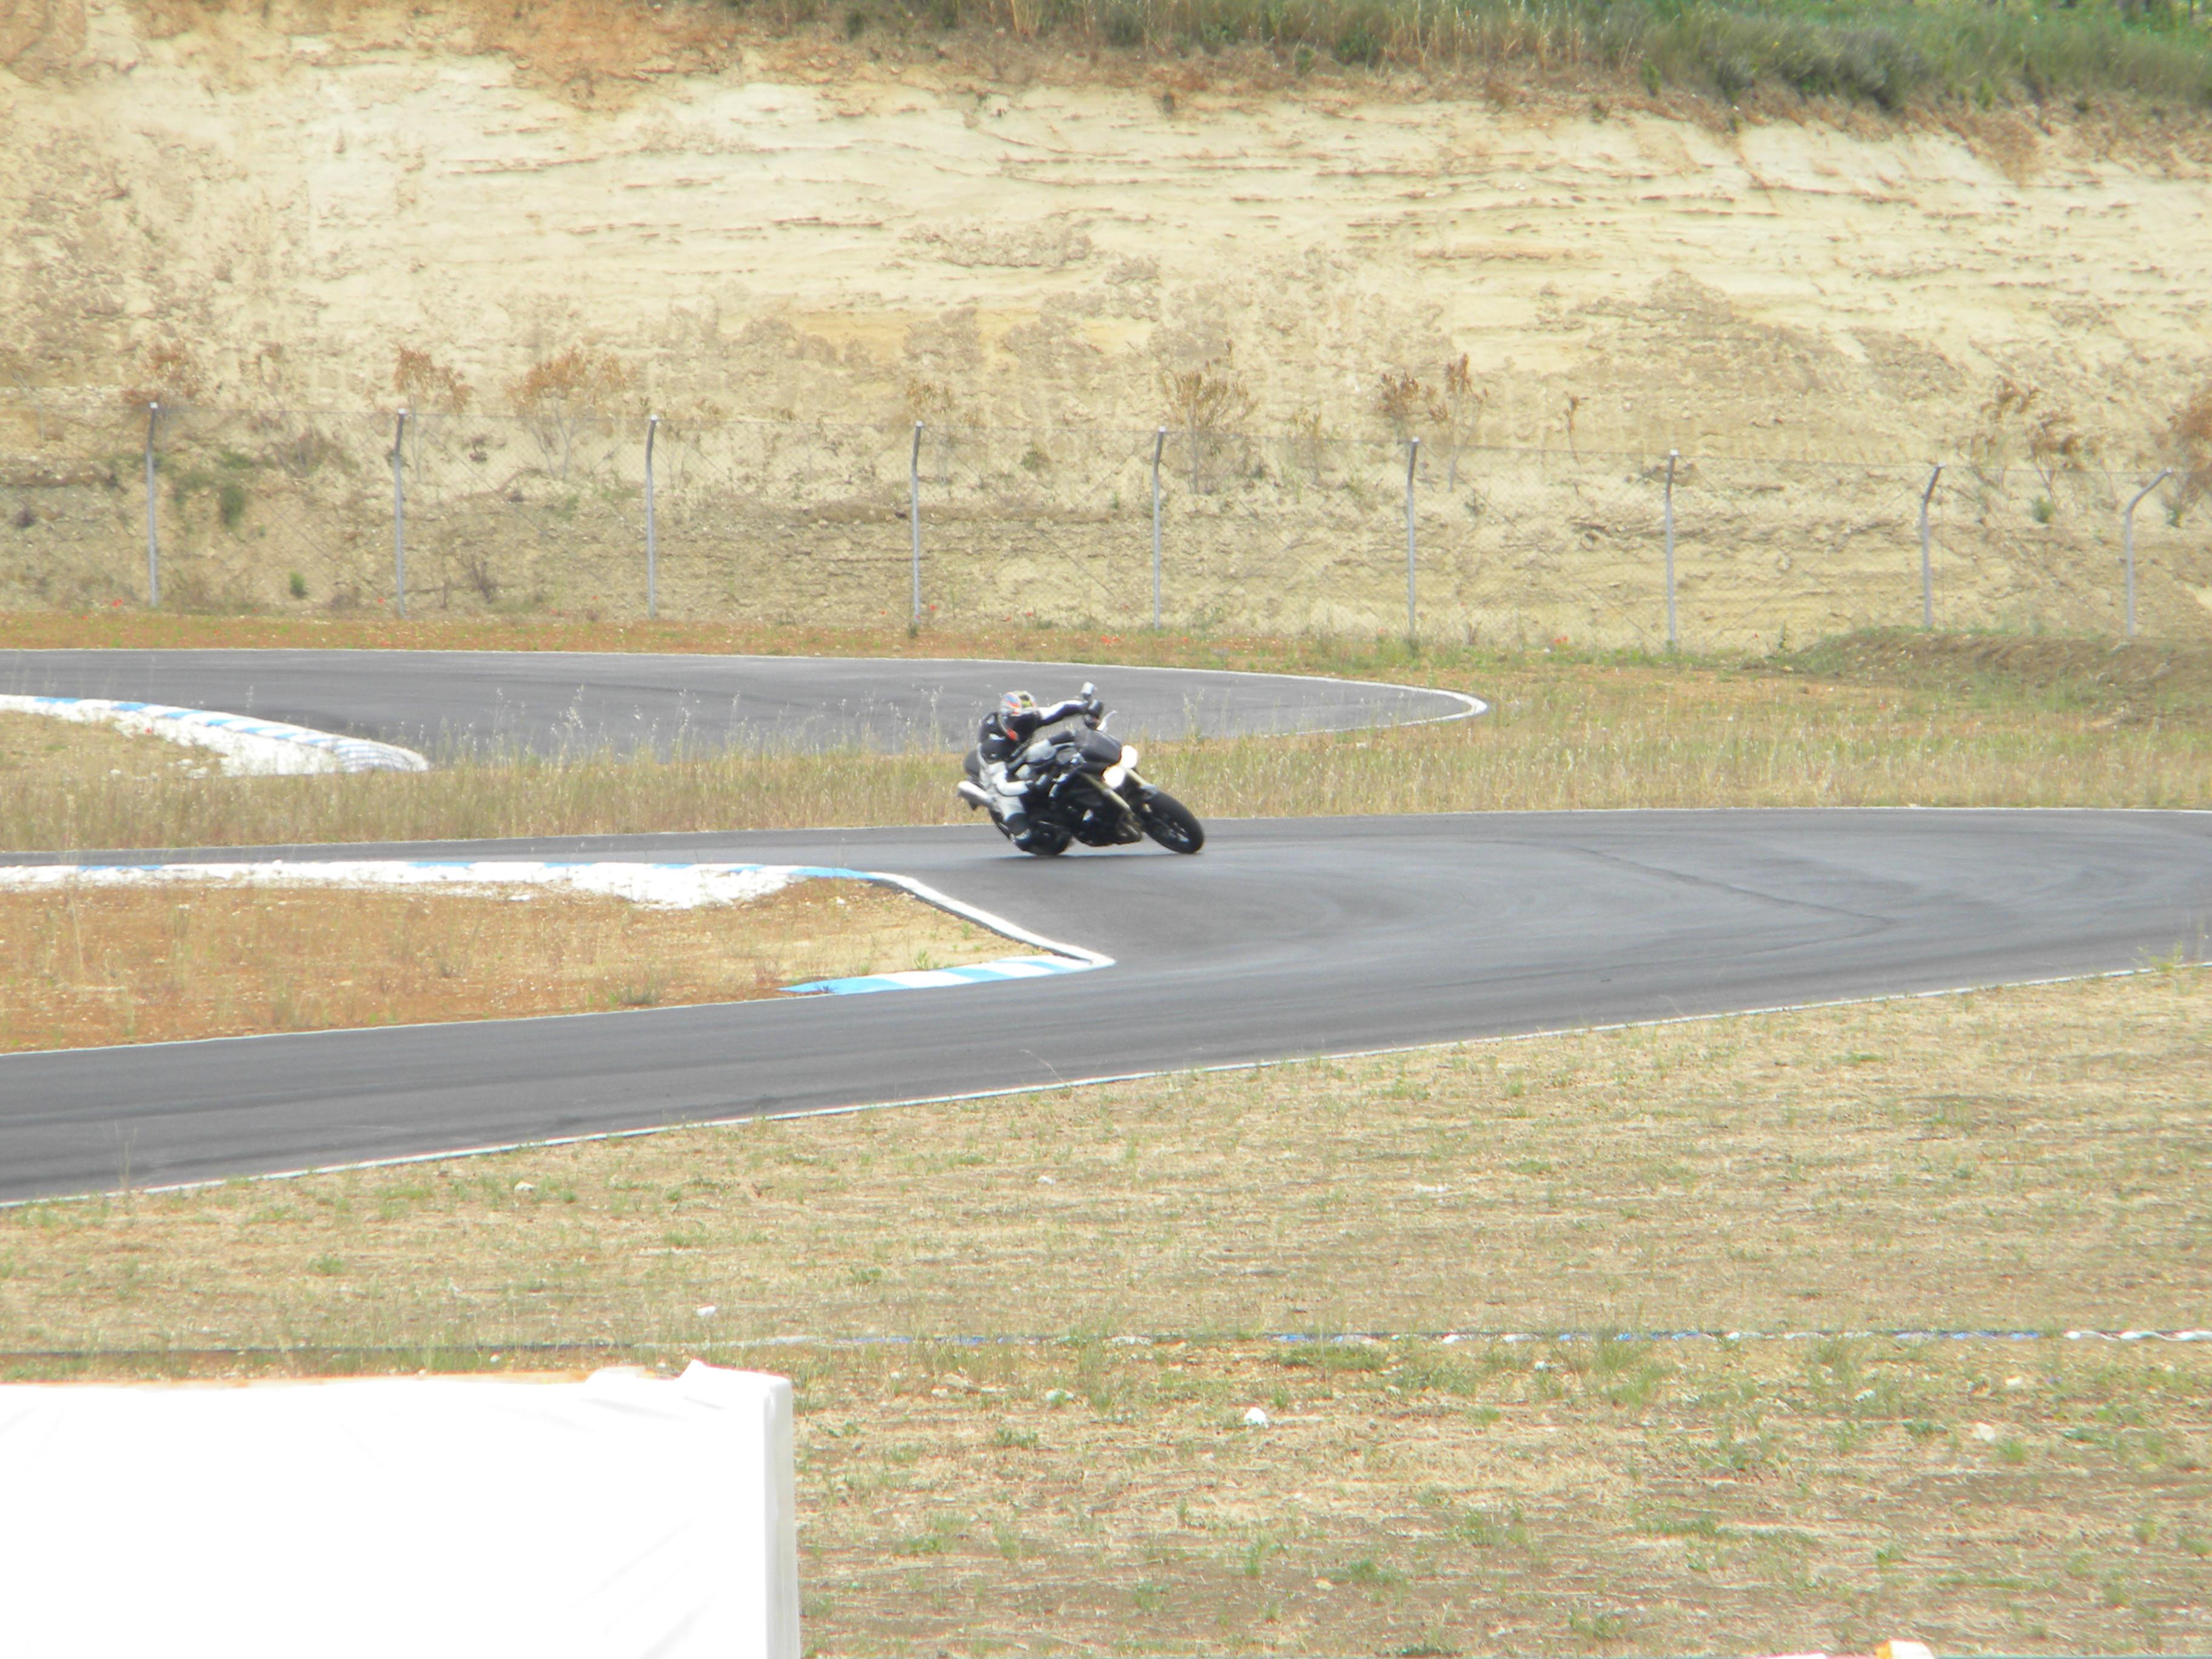 Circuito Ortona : Road eaters u motoclub molise u cpistau dortona